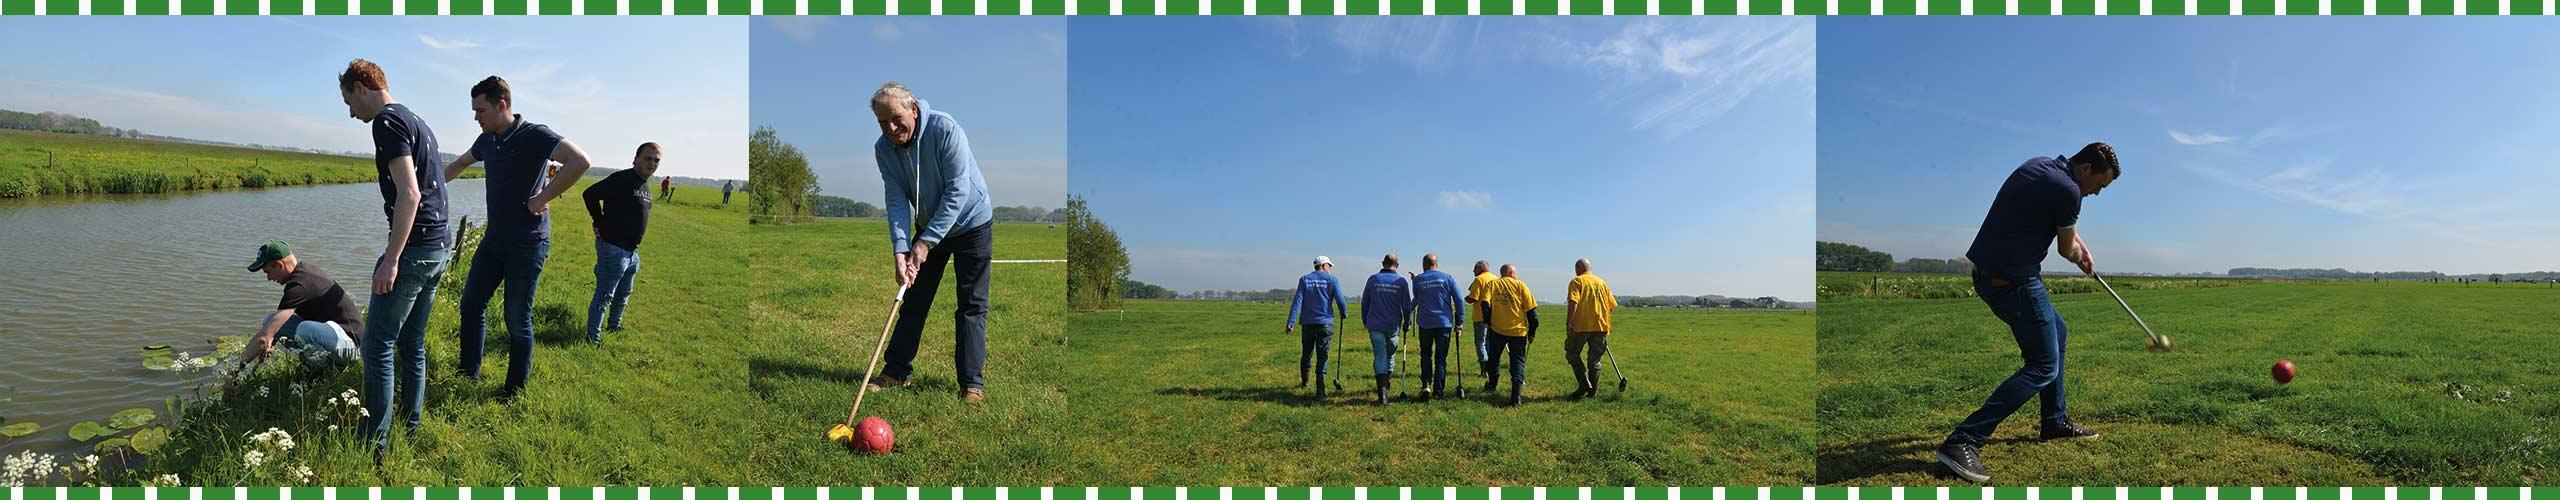 Slider 10 - Boerengolf Hedel - Activiteiten bij de boer